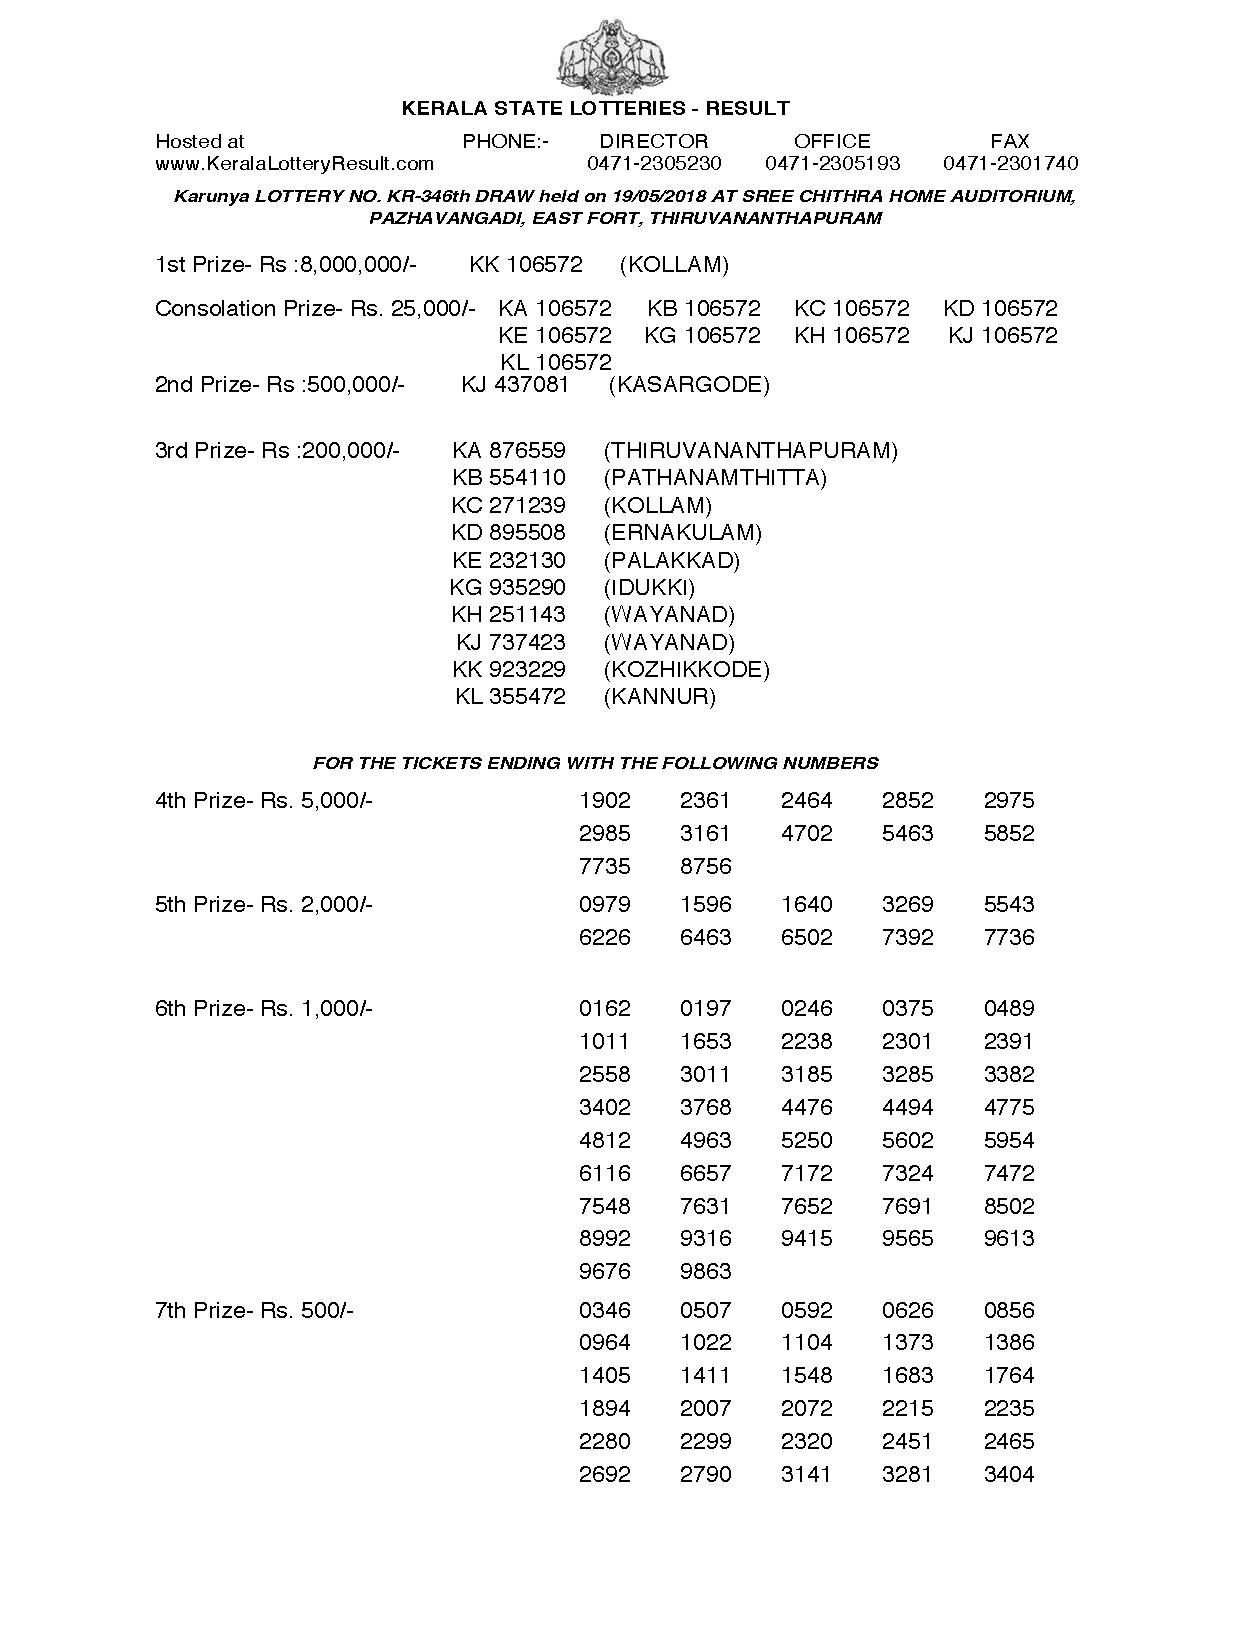 Karunya KR346 Kerala Lottery Results Screenshot: Page 1